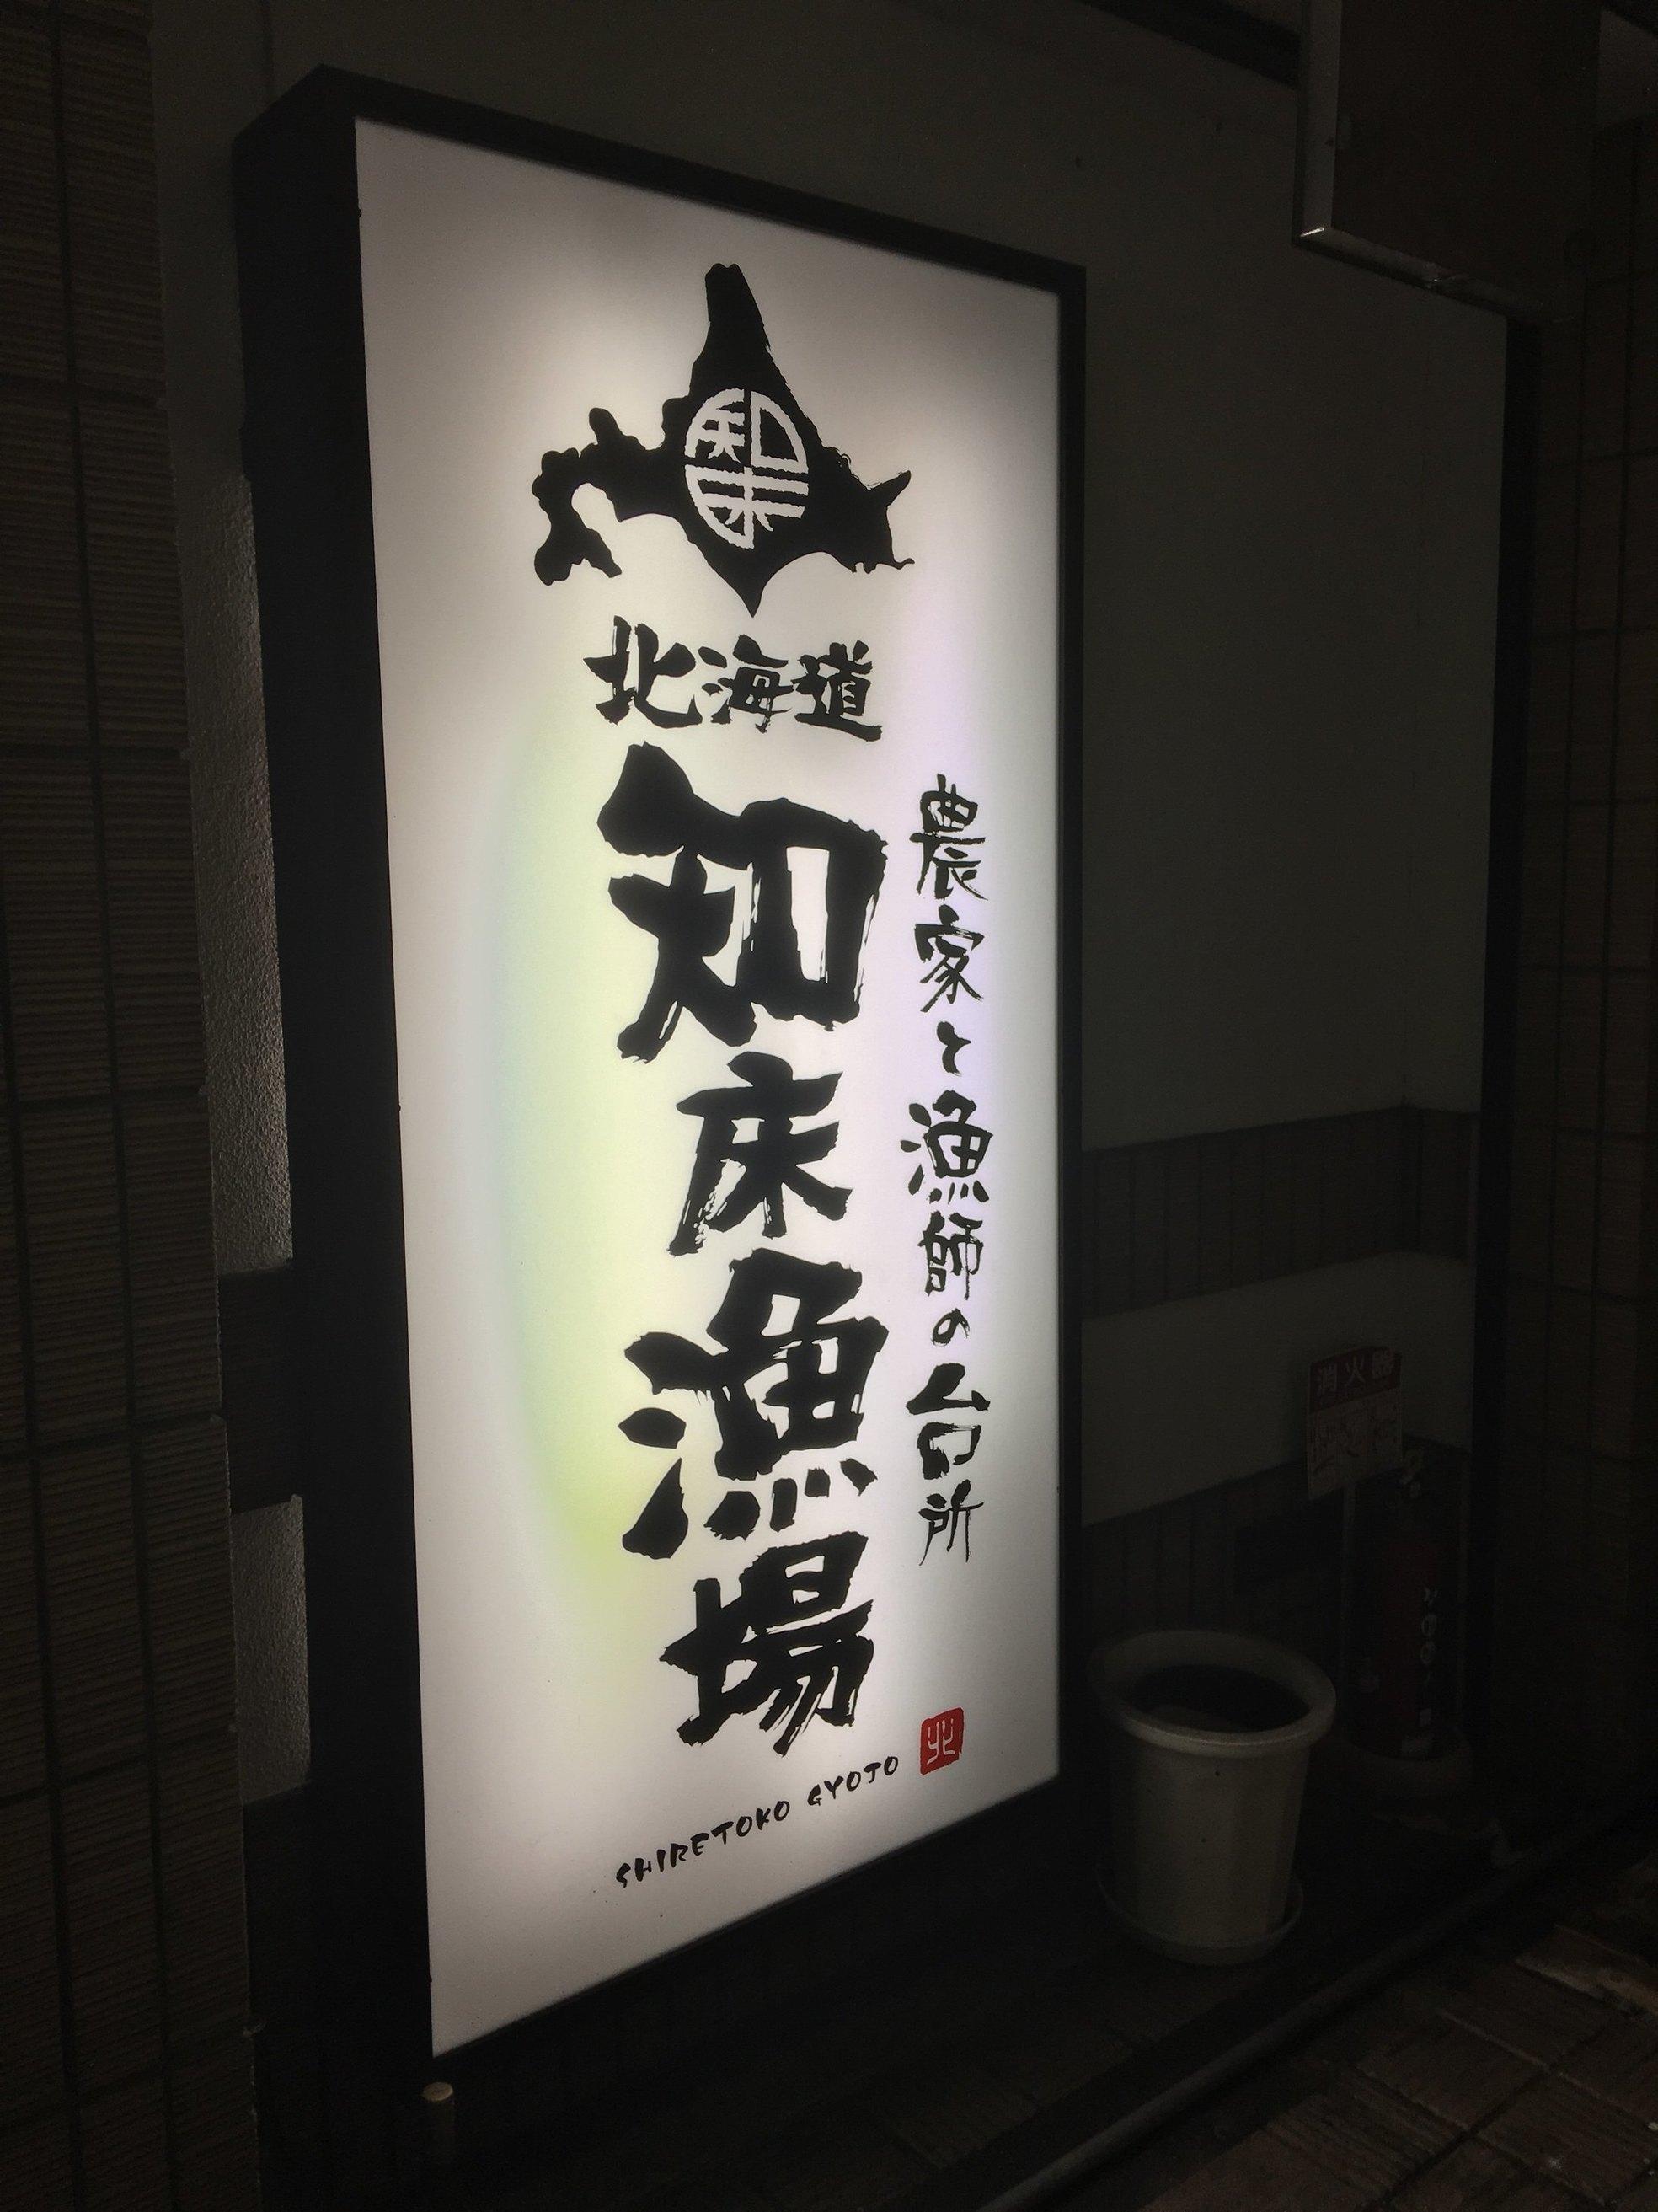 北海道知床漁場 寝屋川店 name=